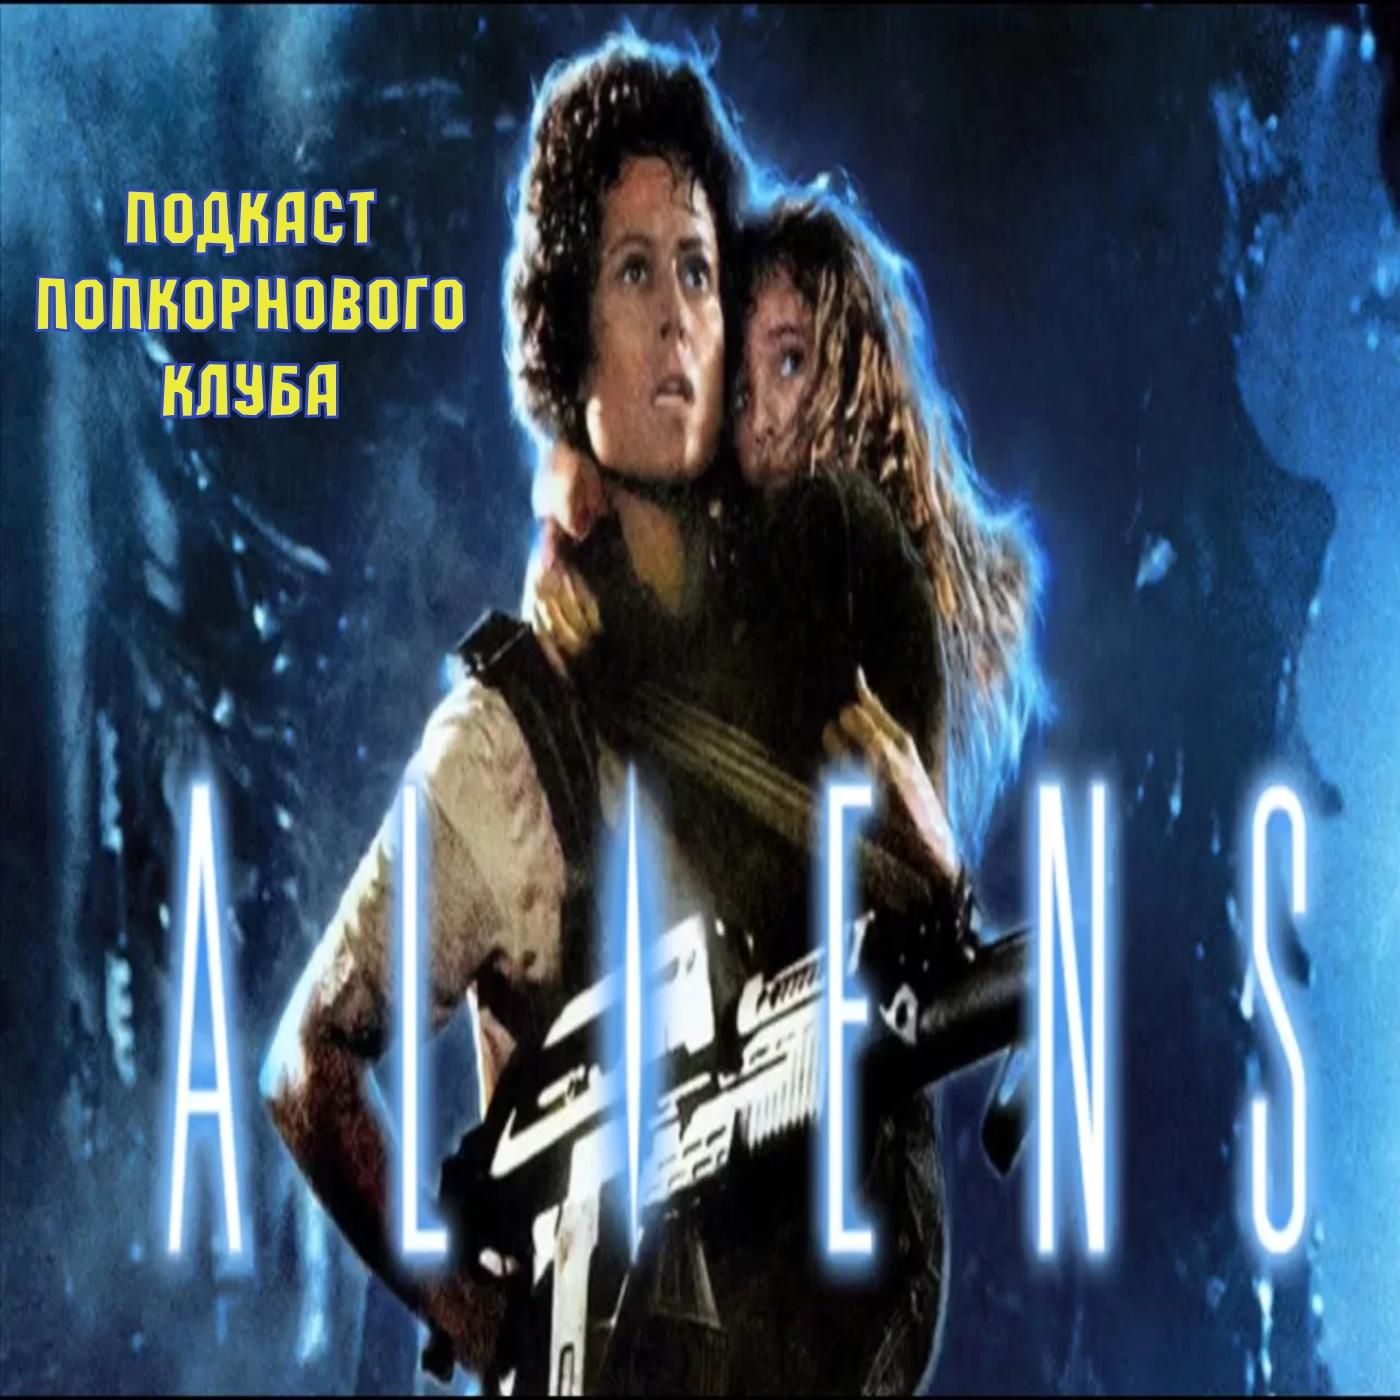 Чужие (Aliens) - Попкороновый клуб